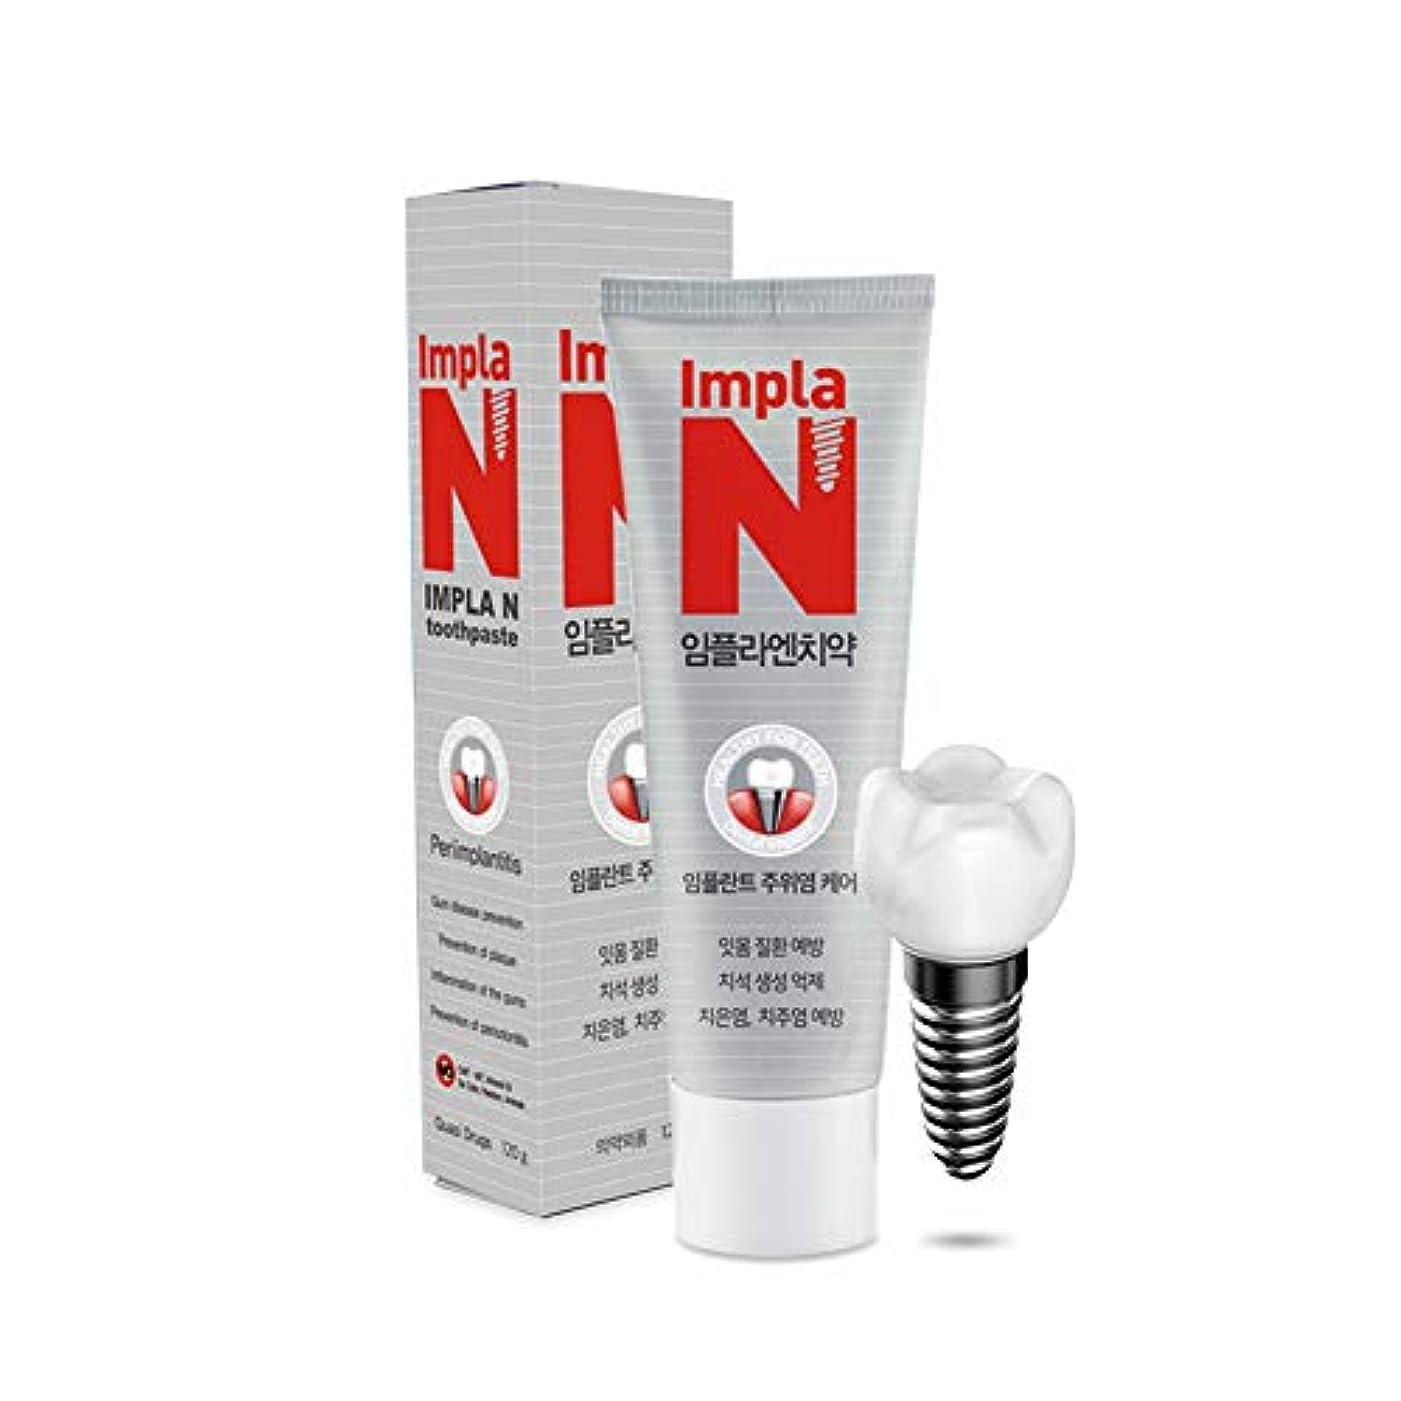 定期的飾る上がる【TRIPLE KOREA】インプラント専用歯磨きペースト implaN 歯磨き粉 歯磨きジェル 歯磨き剤